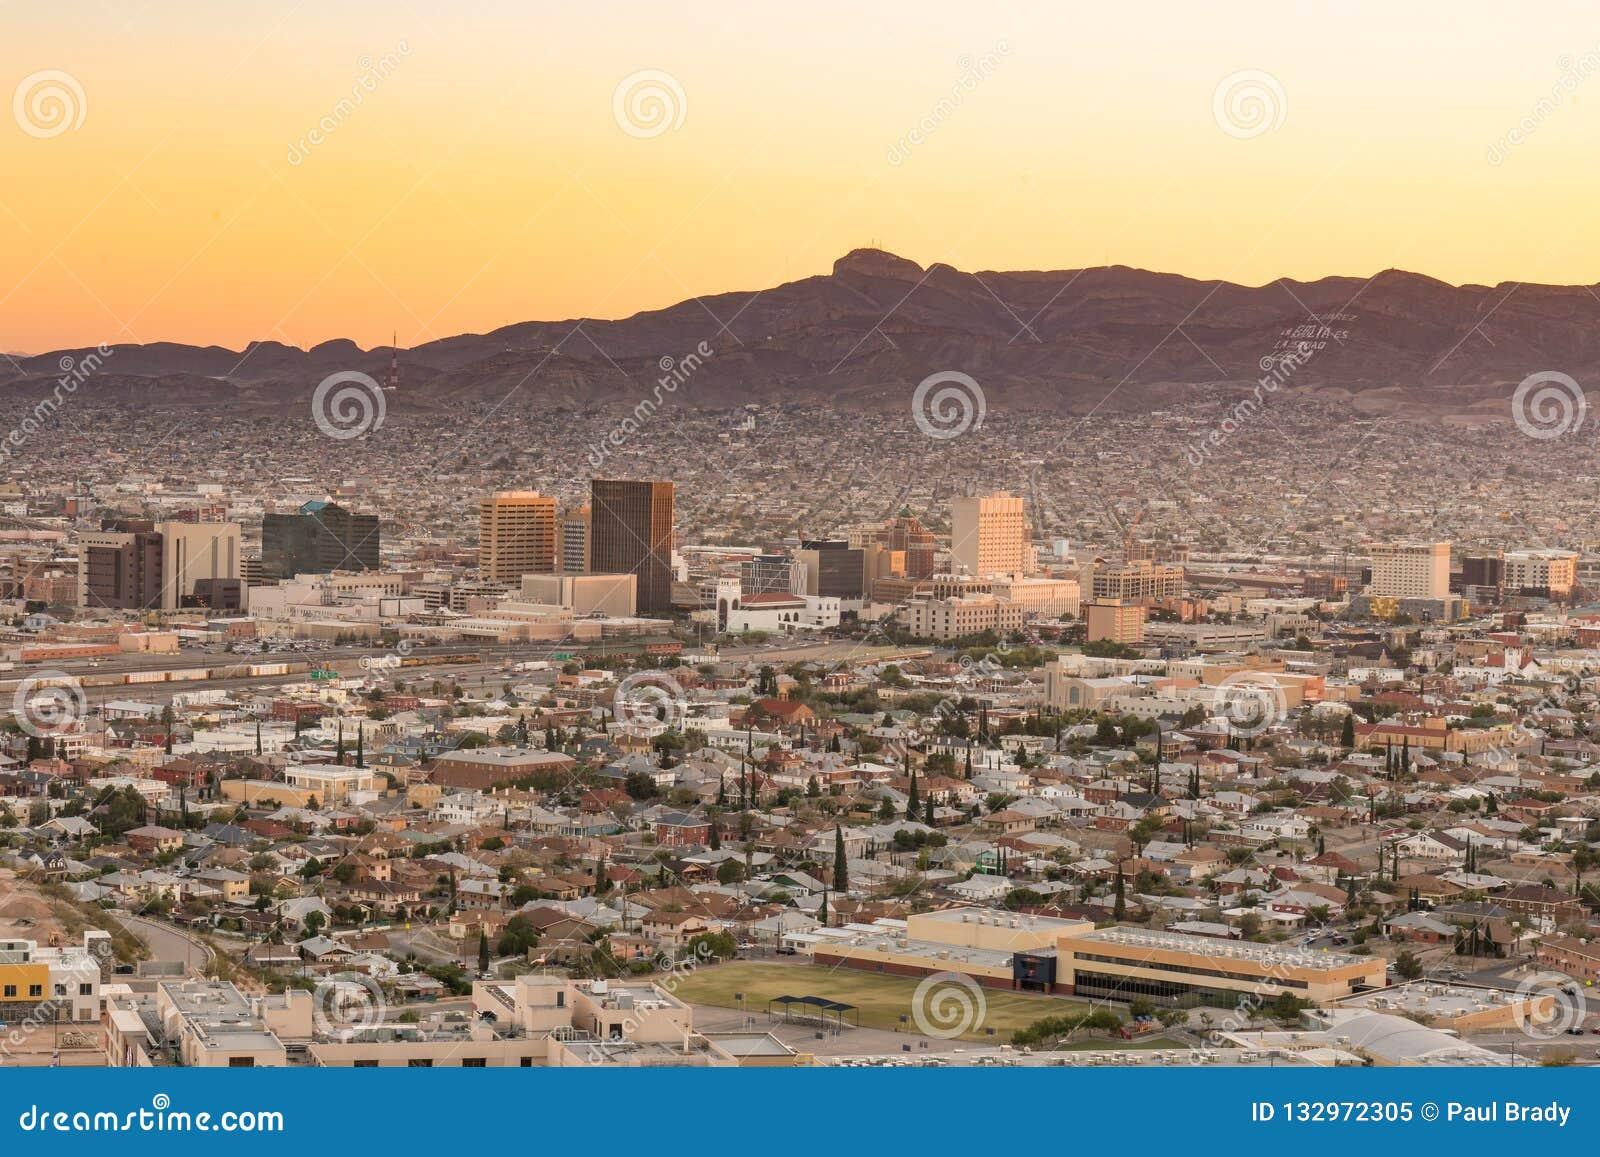 El Paso Texas Night Skyline Stock Image Image Of Buildings Paso 132972305